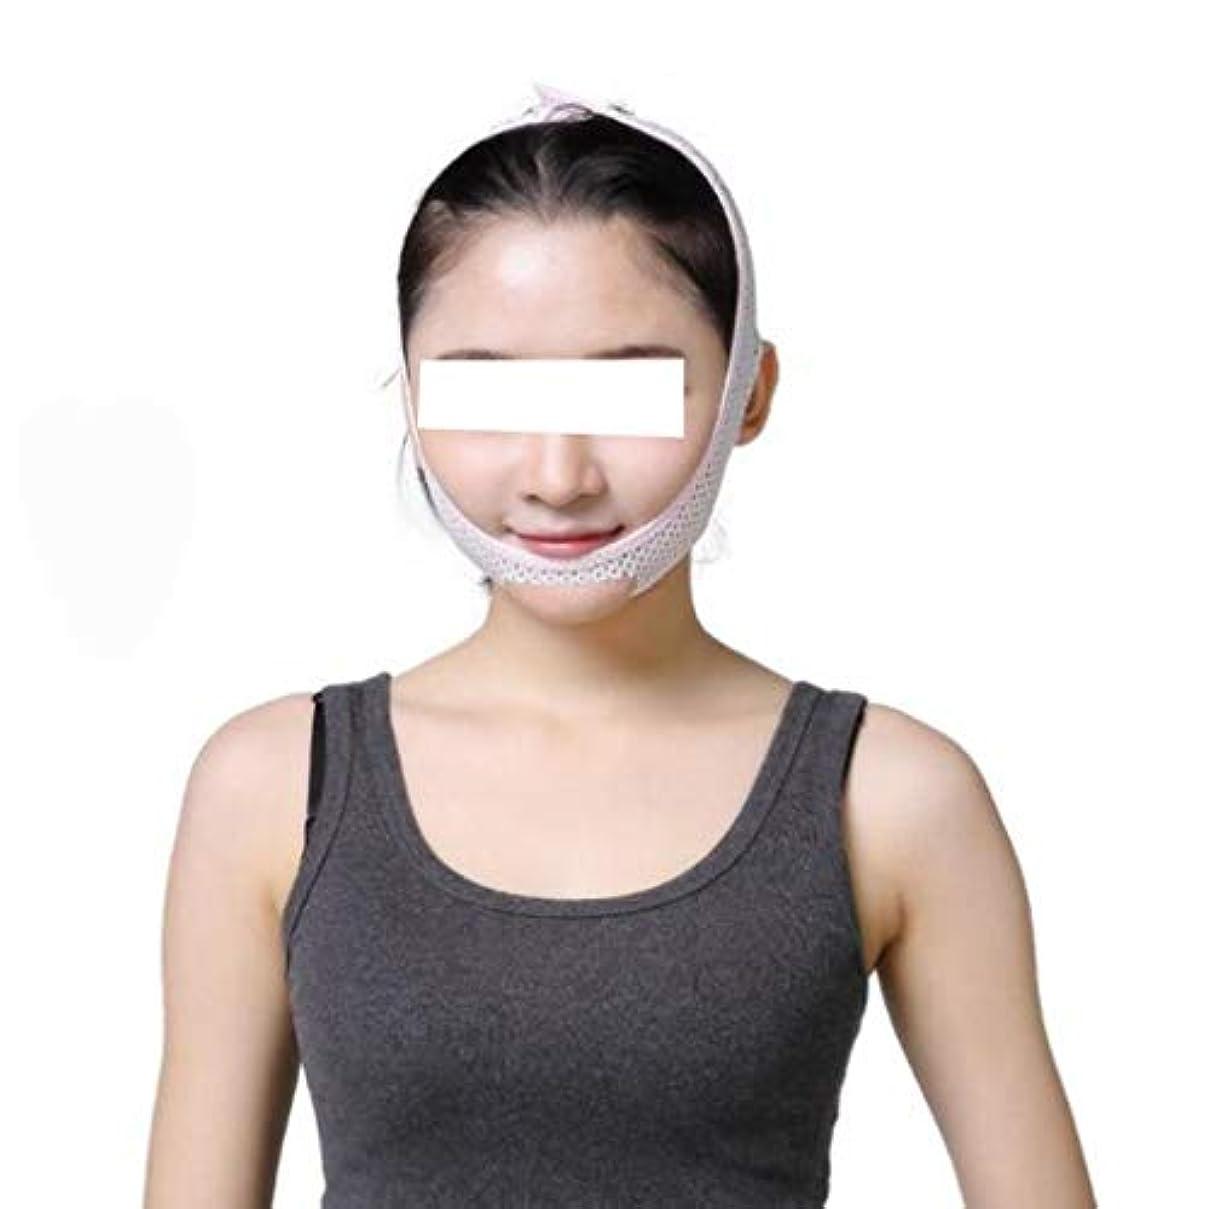 春夏の超薄型通気性フェイスリフトマスク-Vフェイスアーティファクトフェイス包帯 - リフティングファーミングコレクションダブルチンフェイスリフティング